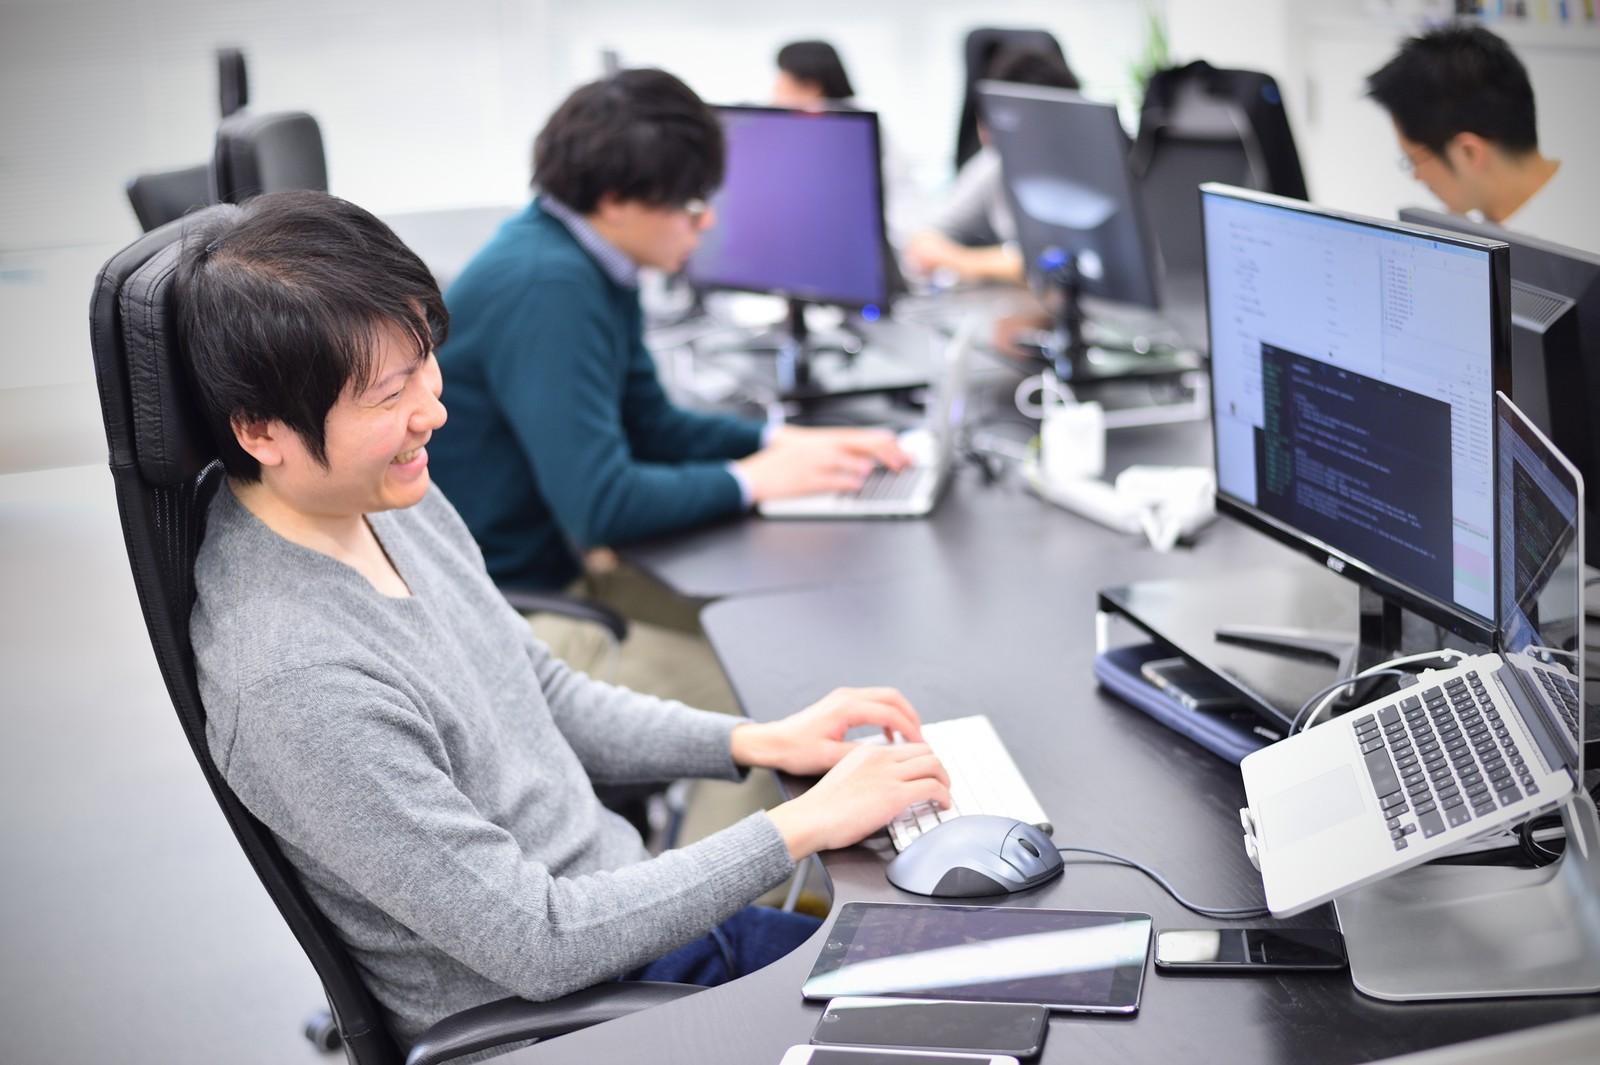 株式会社スタディスト・画像・動画ベースのマニュアル作成サービス「Teachme Biz」のWindowsアプリ開発!